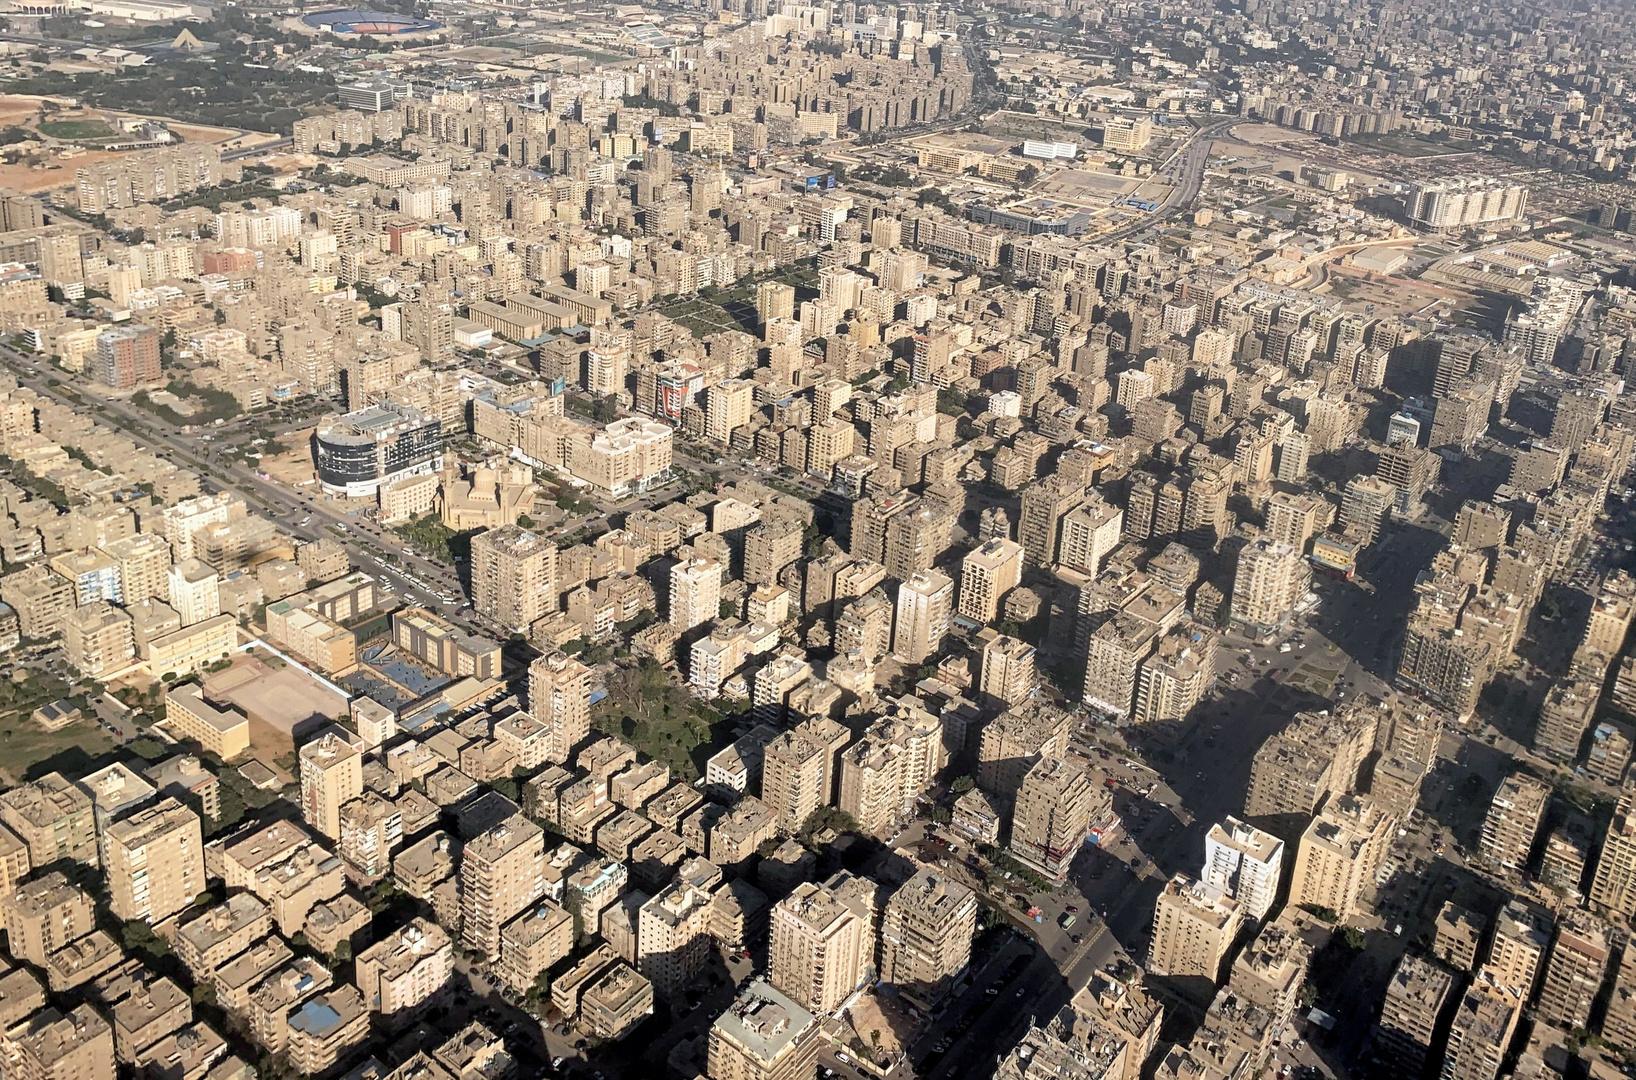 وزارة الصحة المصرية: عدد سكان مصر تضاعف 14 مرة منذ عام 1882 حتى 2017